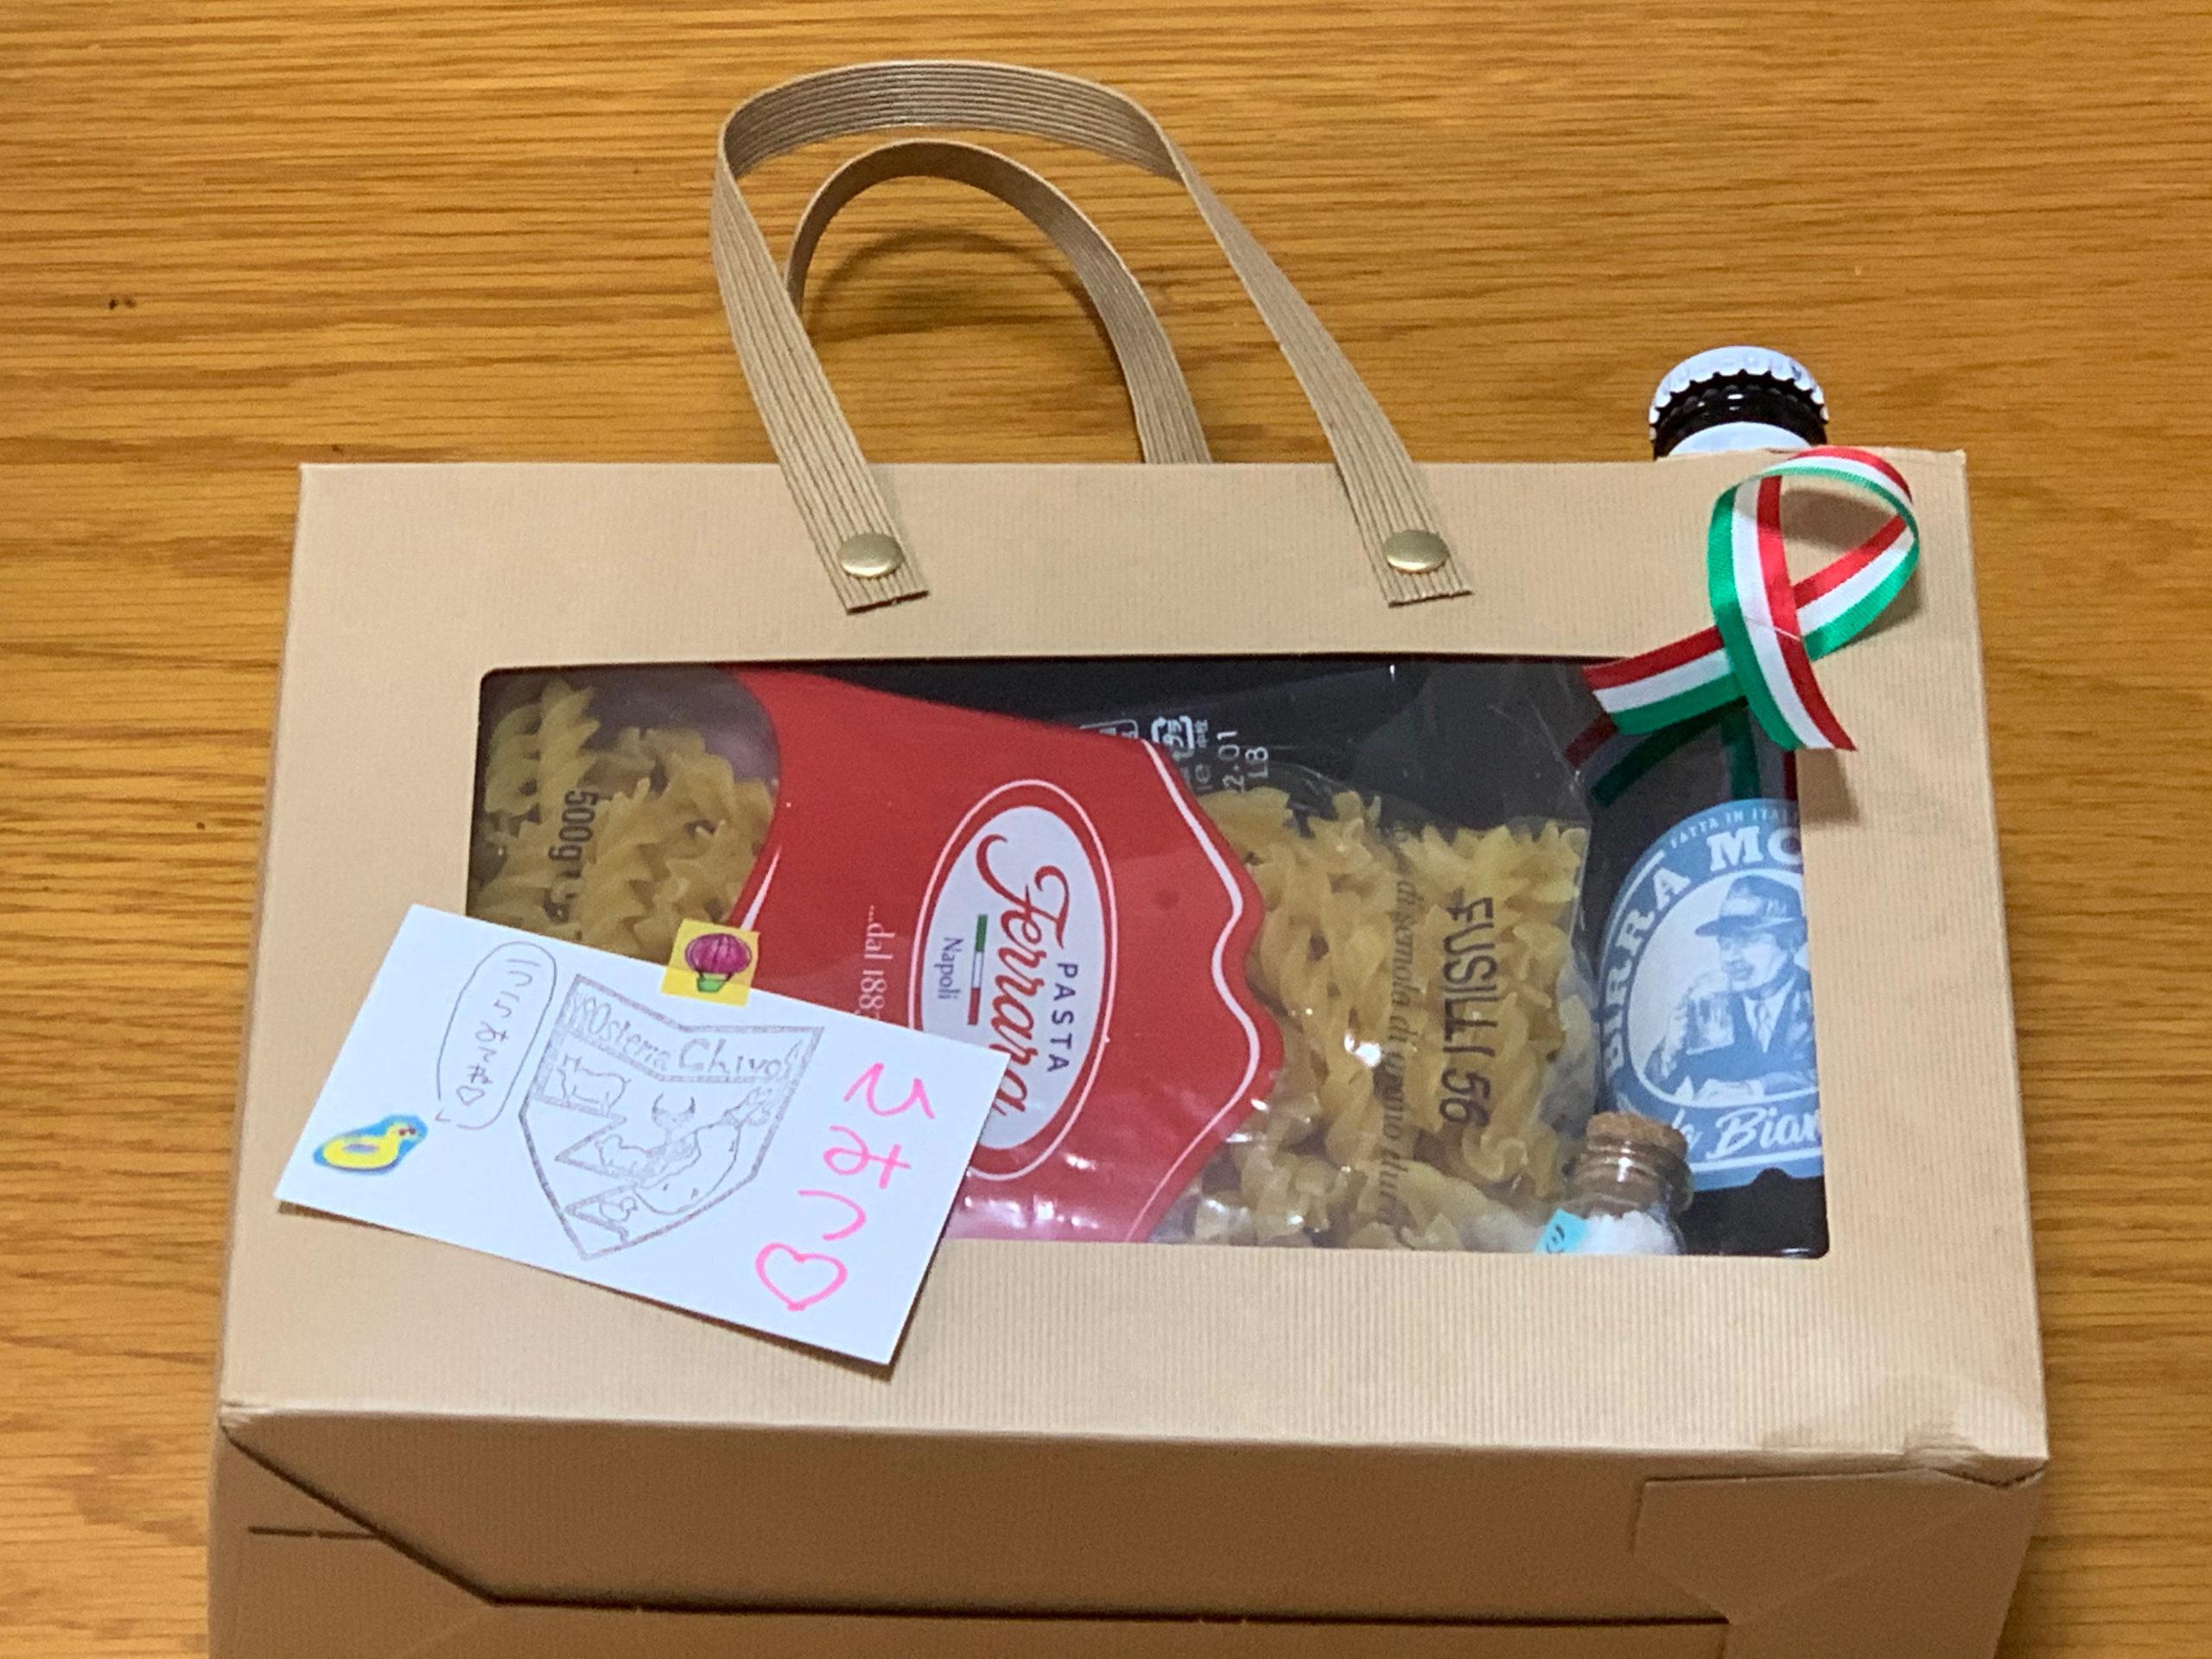 江東区南砂町駅すぐそばの人気イタリアンレストラン「オステリアキーヴォ(Osteria Chivo)」では、開店3周年アニバーサリーボックスを販売中です